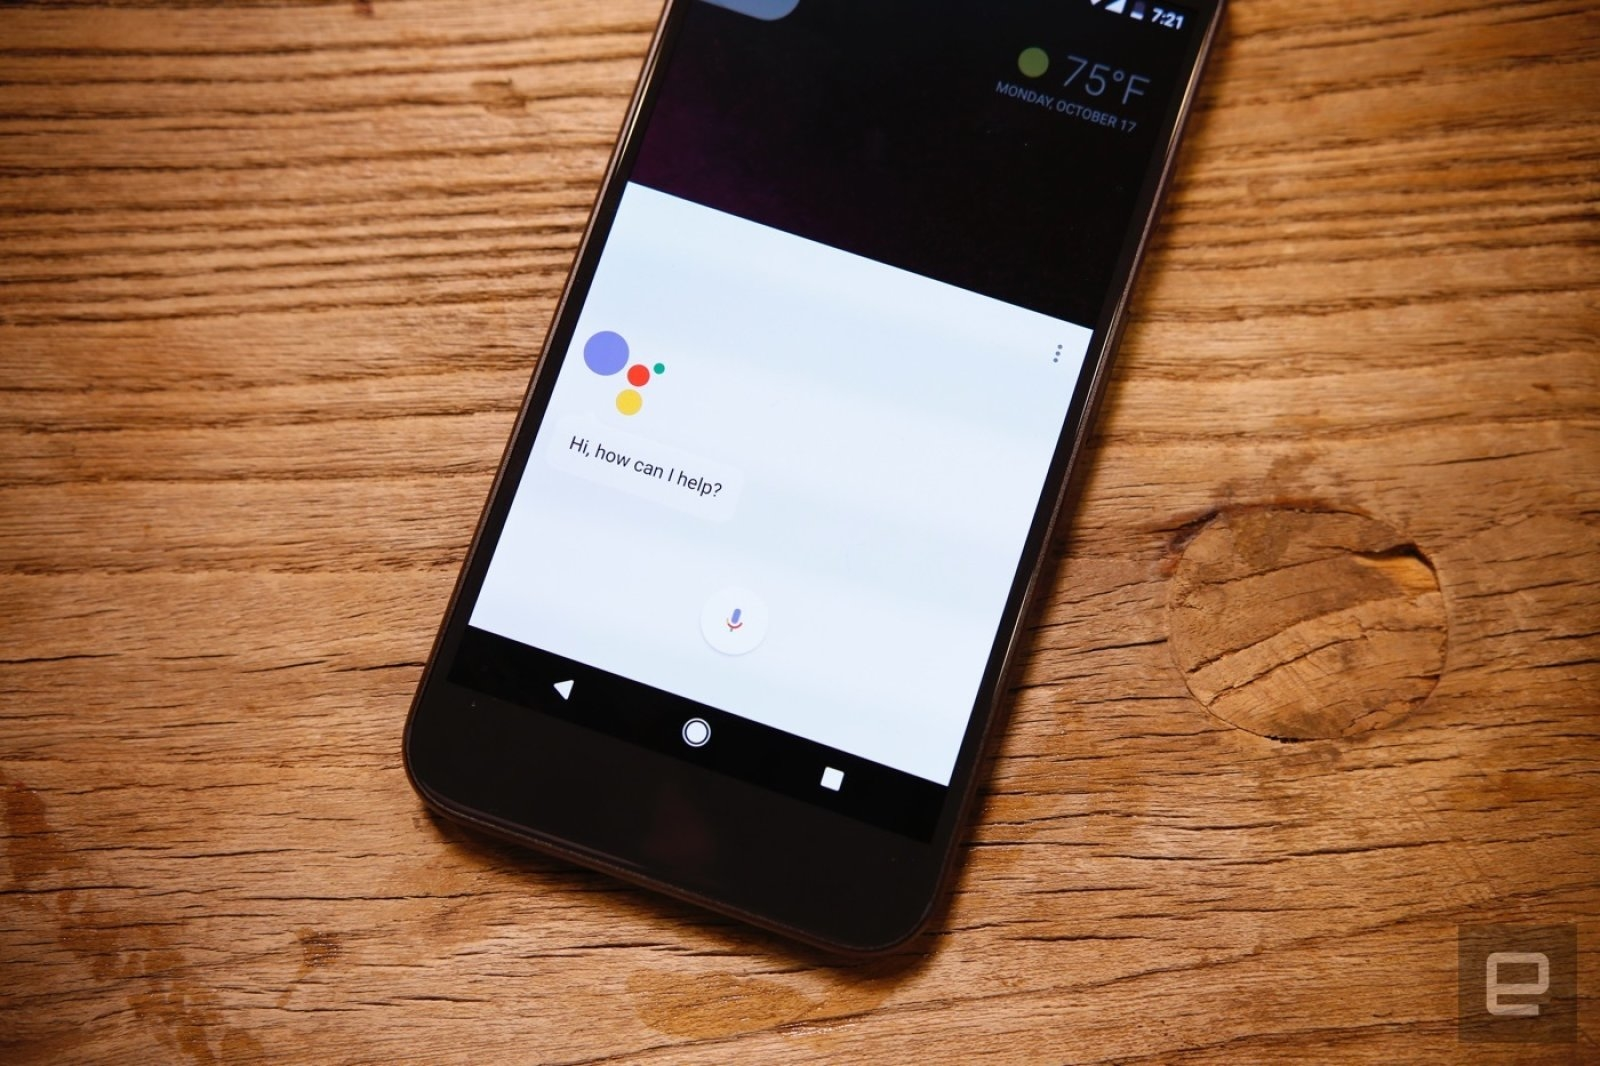 Google ya deja elegir entre 'Ok, Google' y 'Hey, Google' para llamar a su asistente